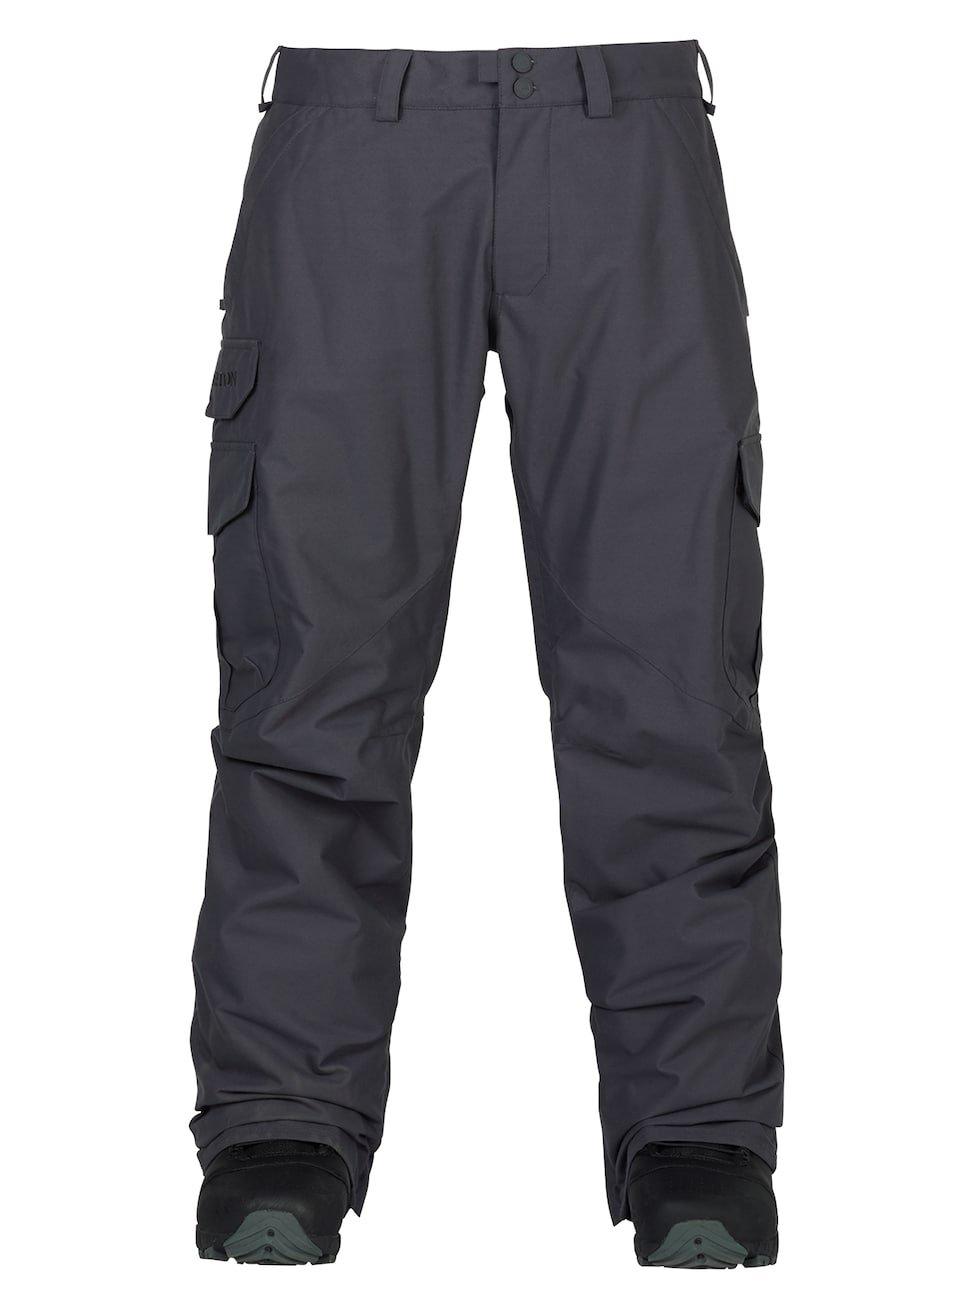 Burton Men's Cargo Mid Fit Pants Cargo Pants - Mid Fit